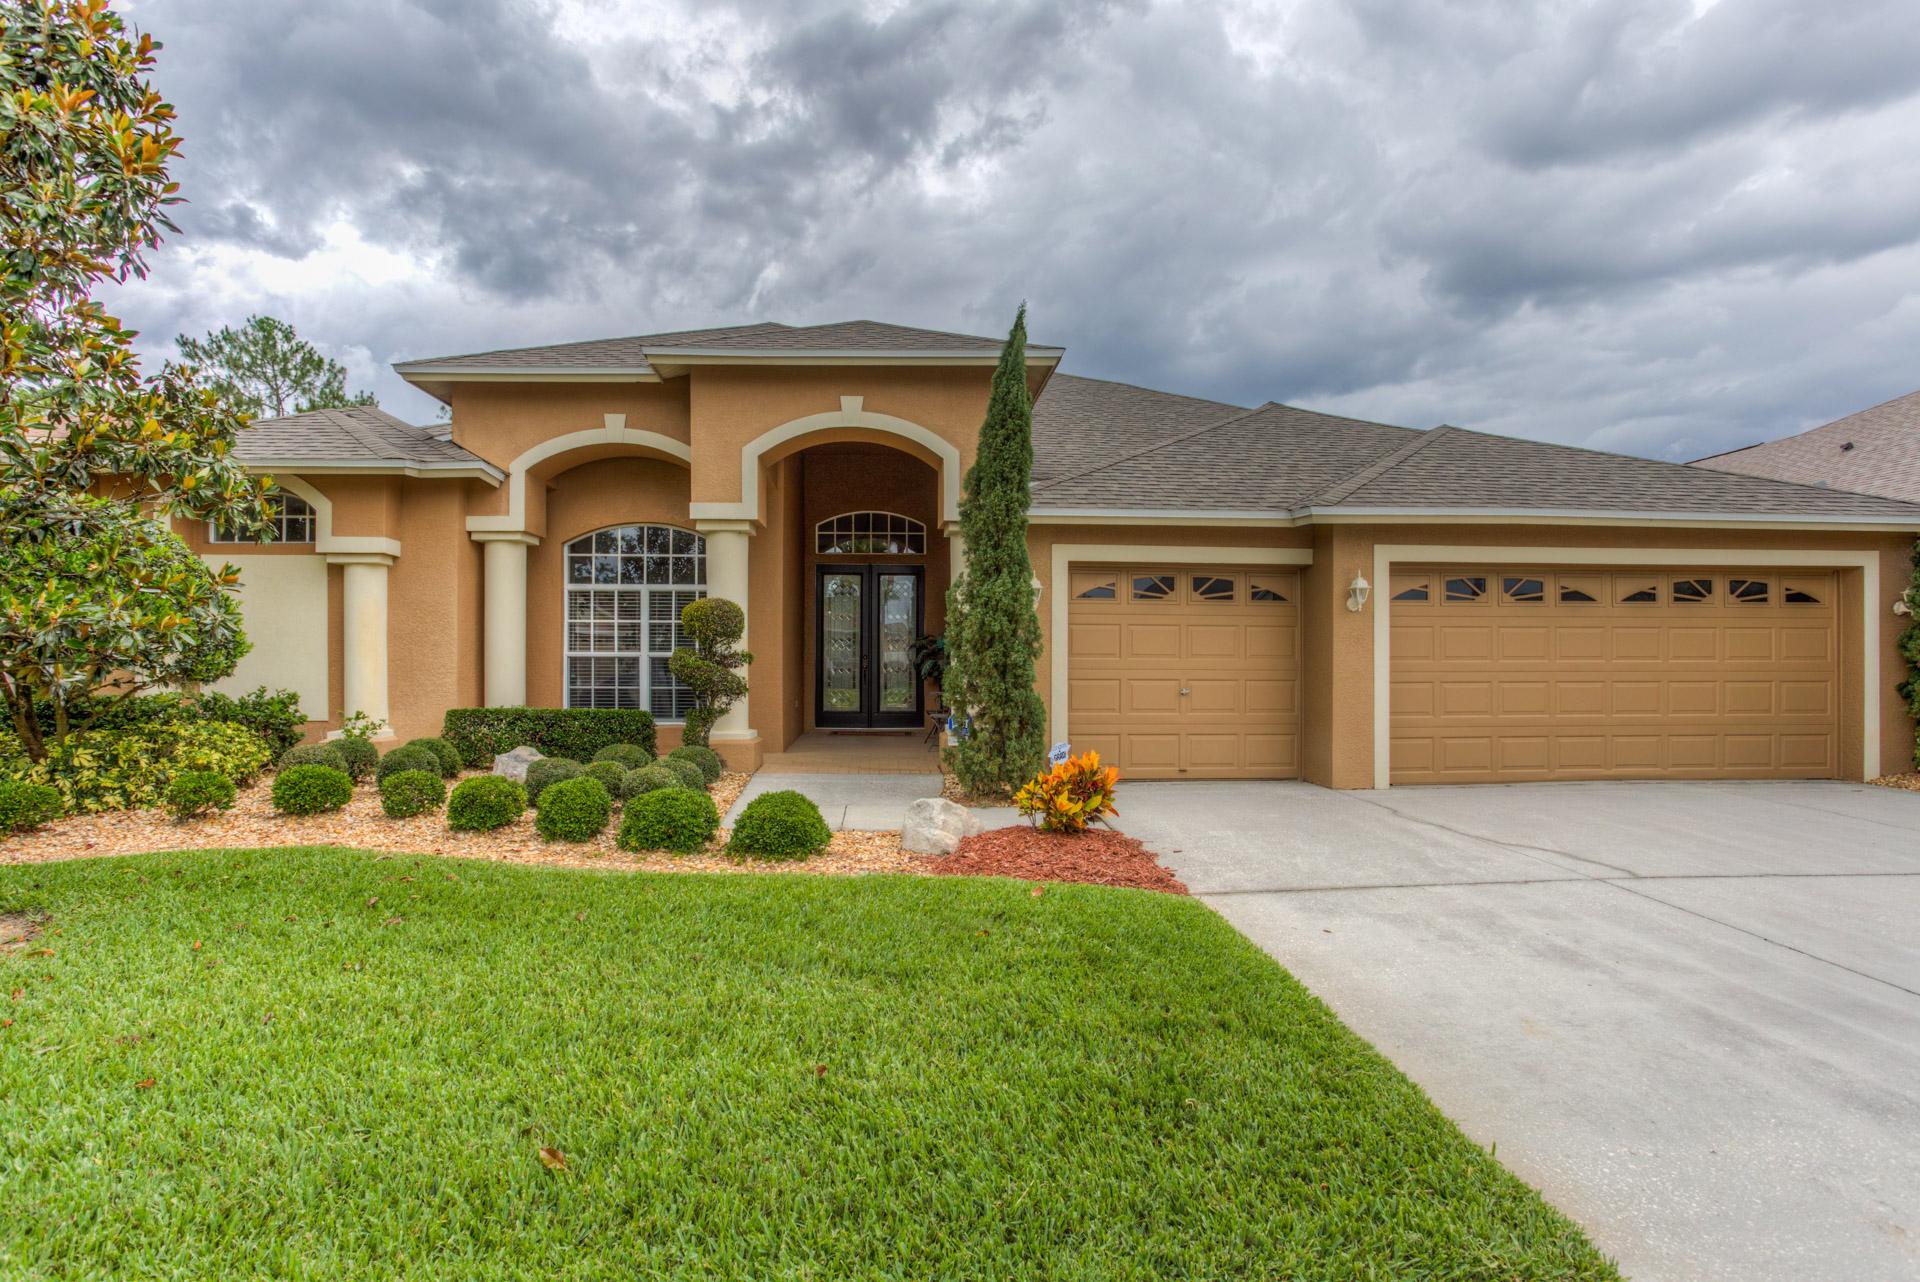 18440 Eastwyck Dr, Tampa, FL 33647